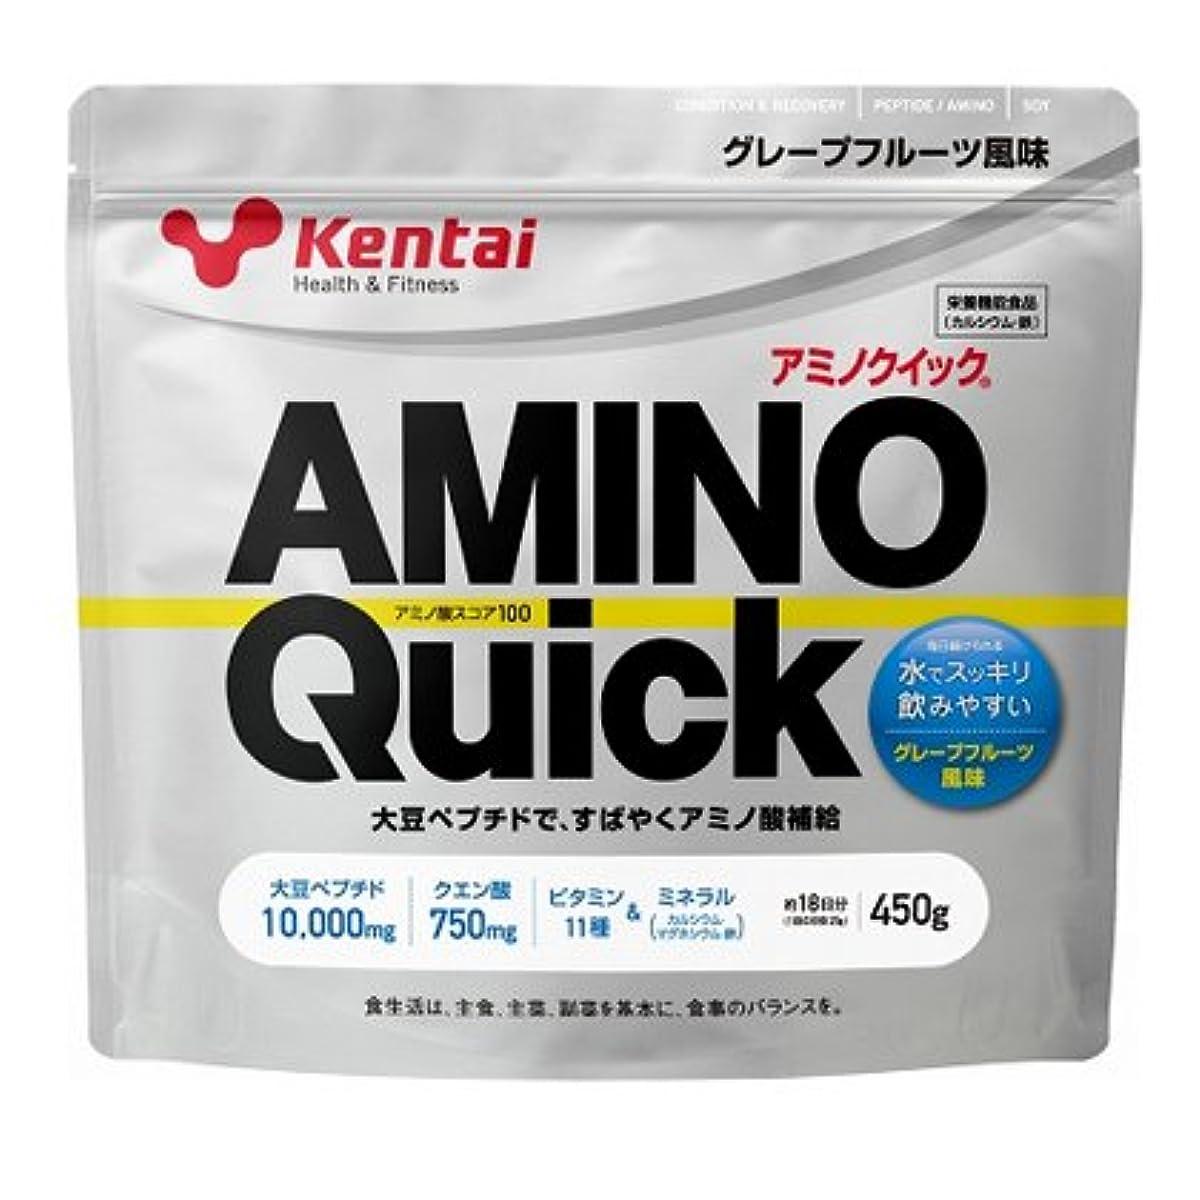 バドミントンダッシュ厄介な【健康体力研究所 (Kentai)】 アミノクイック450g